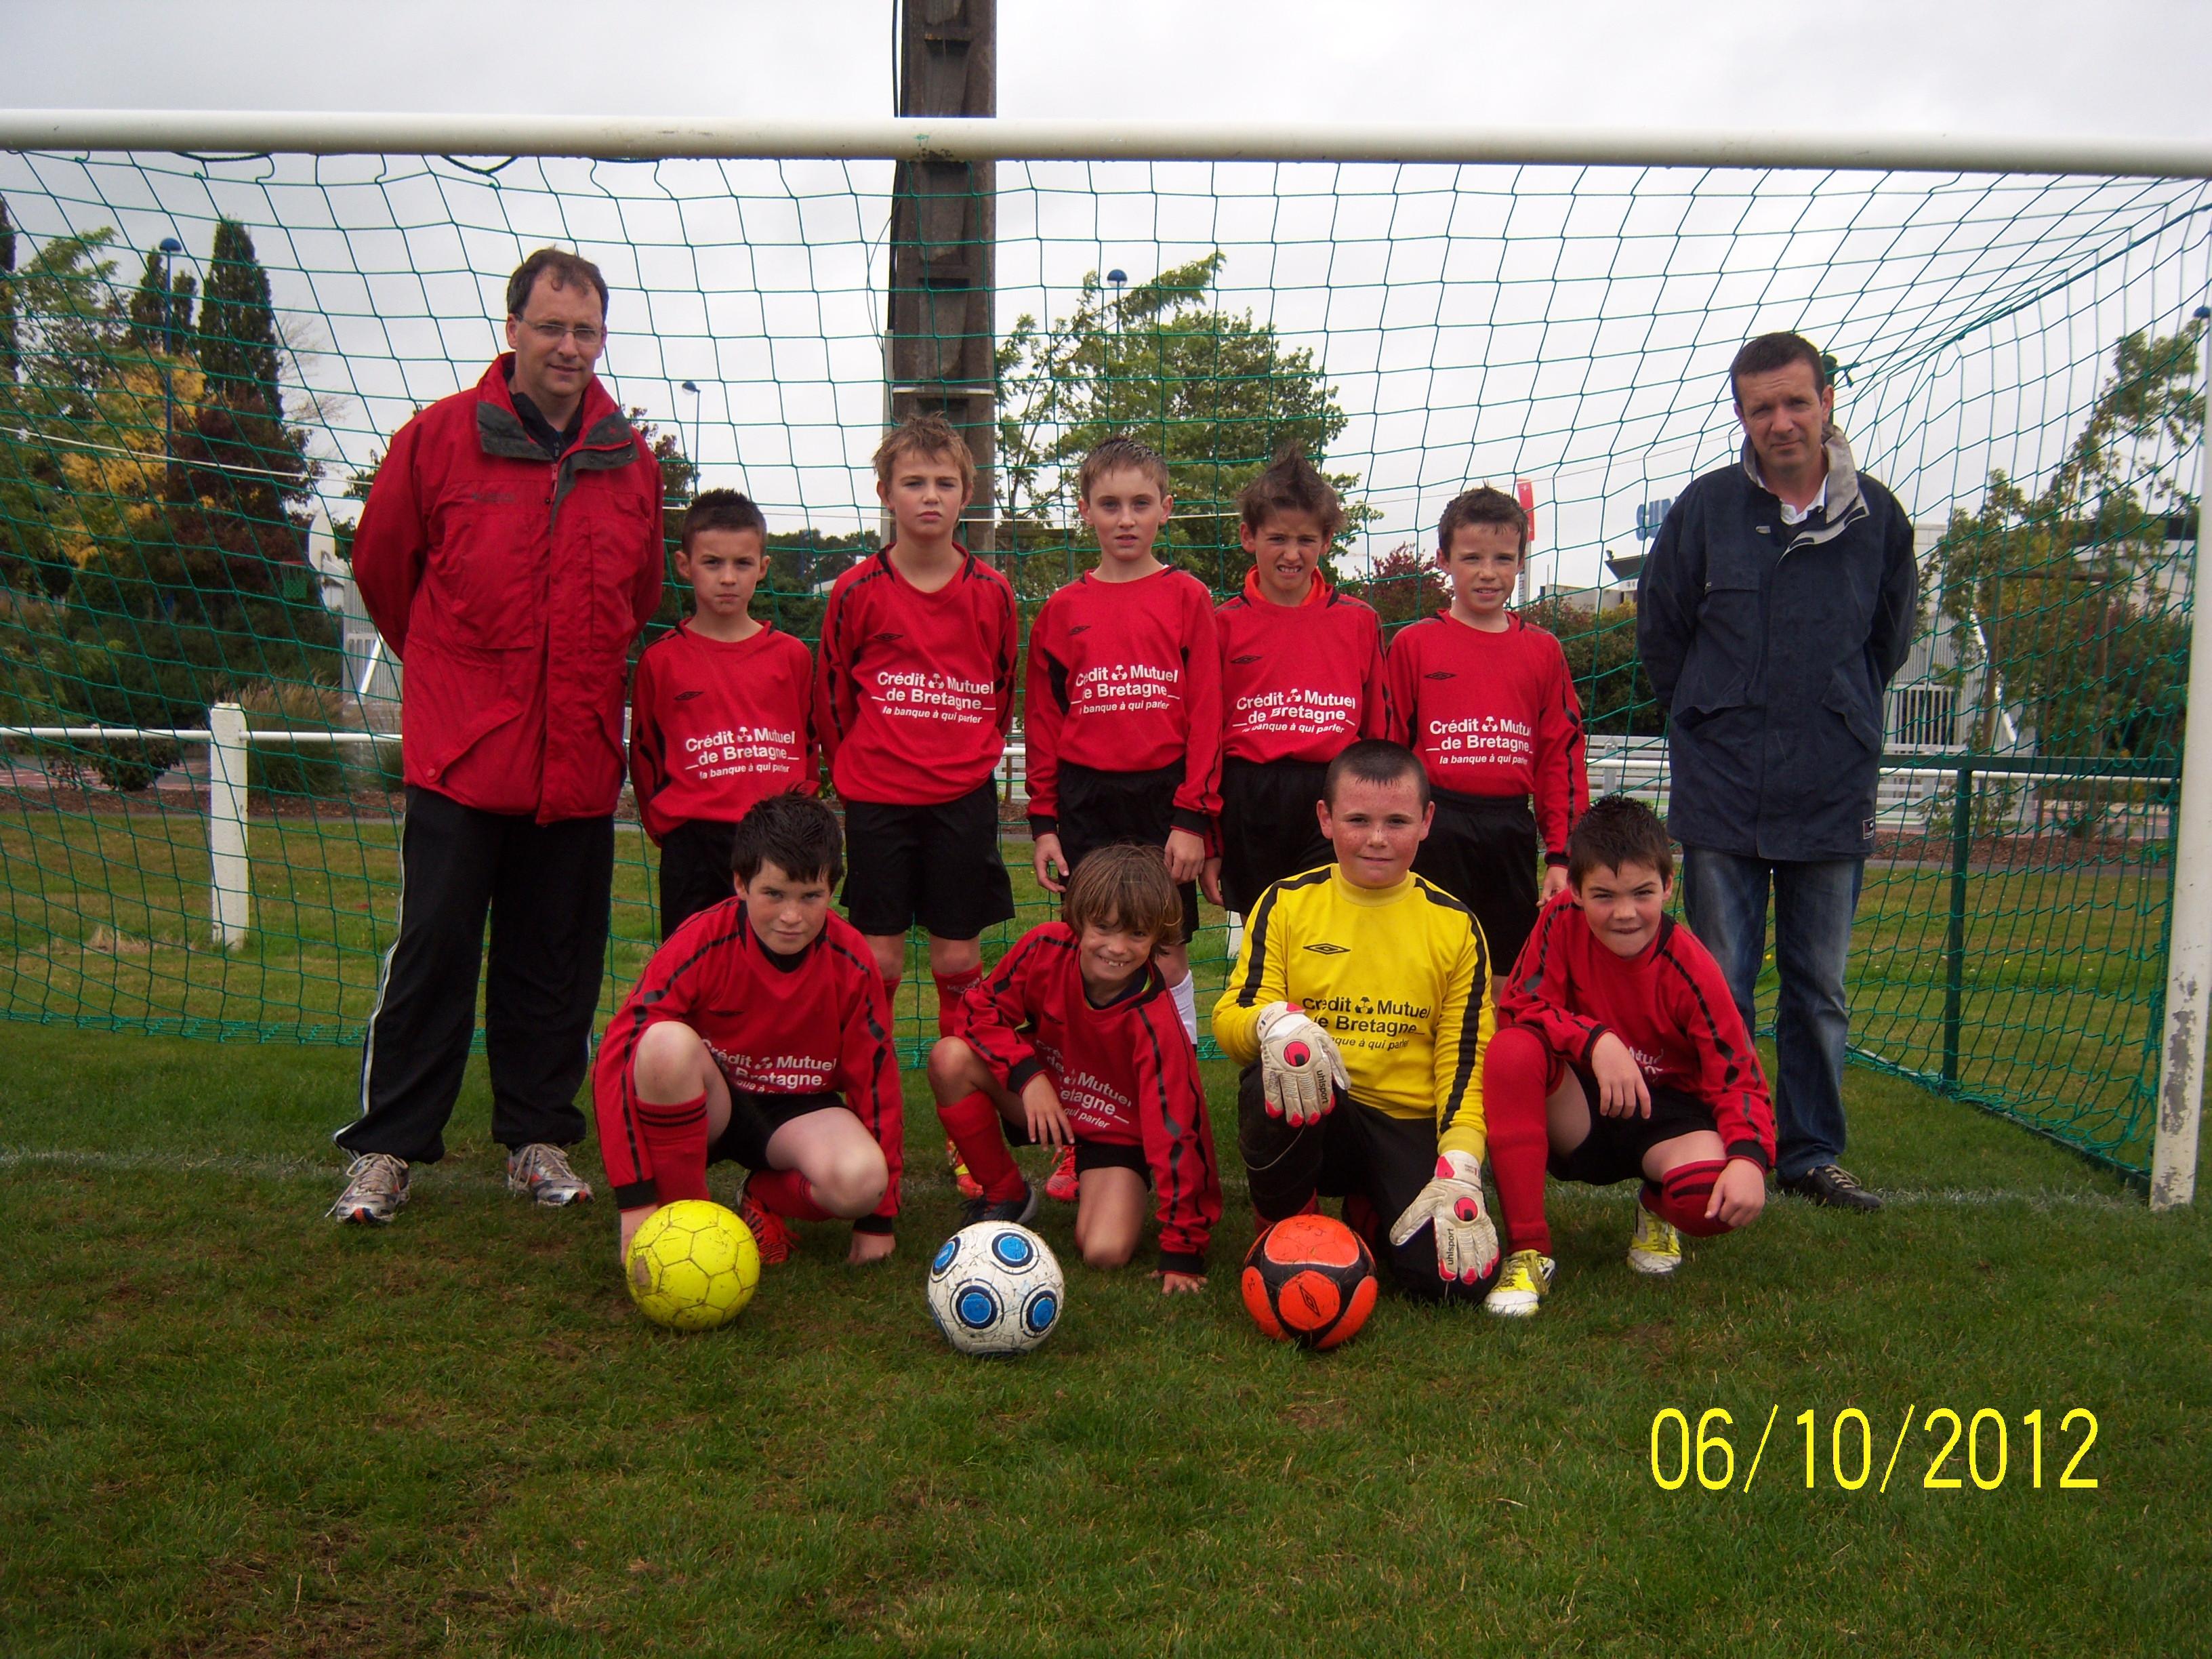 Équipe U11 B Jaune de l'école de football du C.S. JOSSELINAIS - saison de football 2012/2013